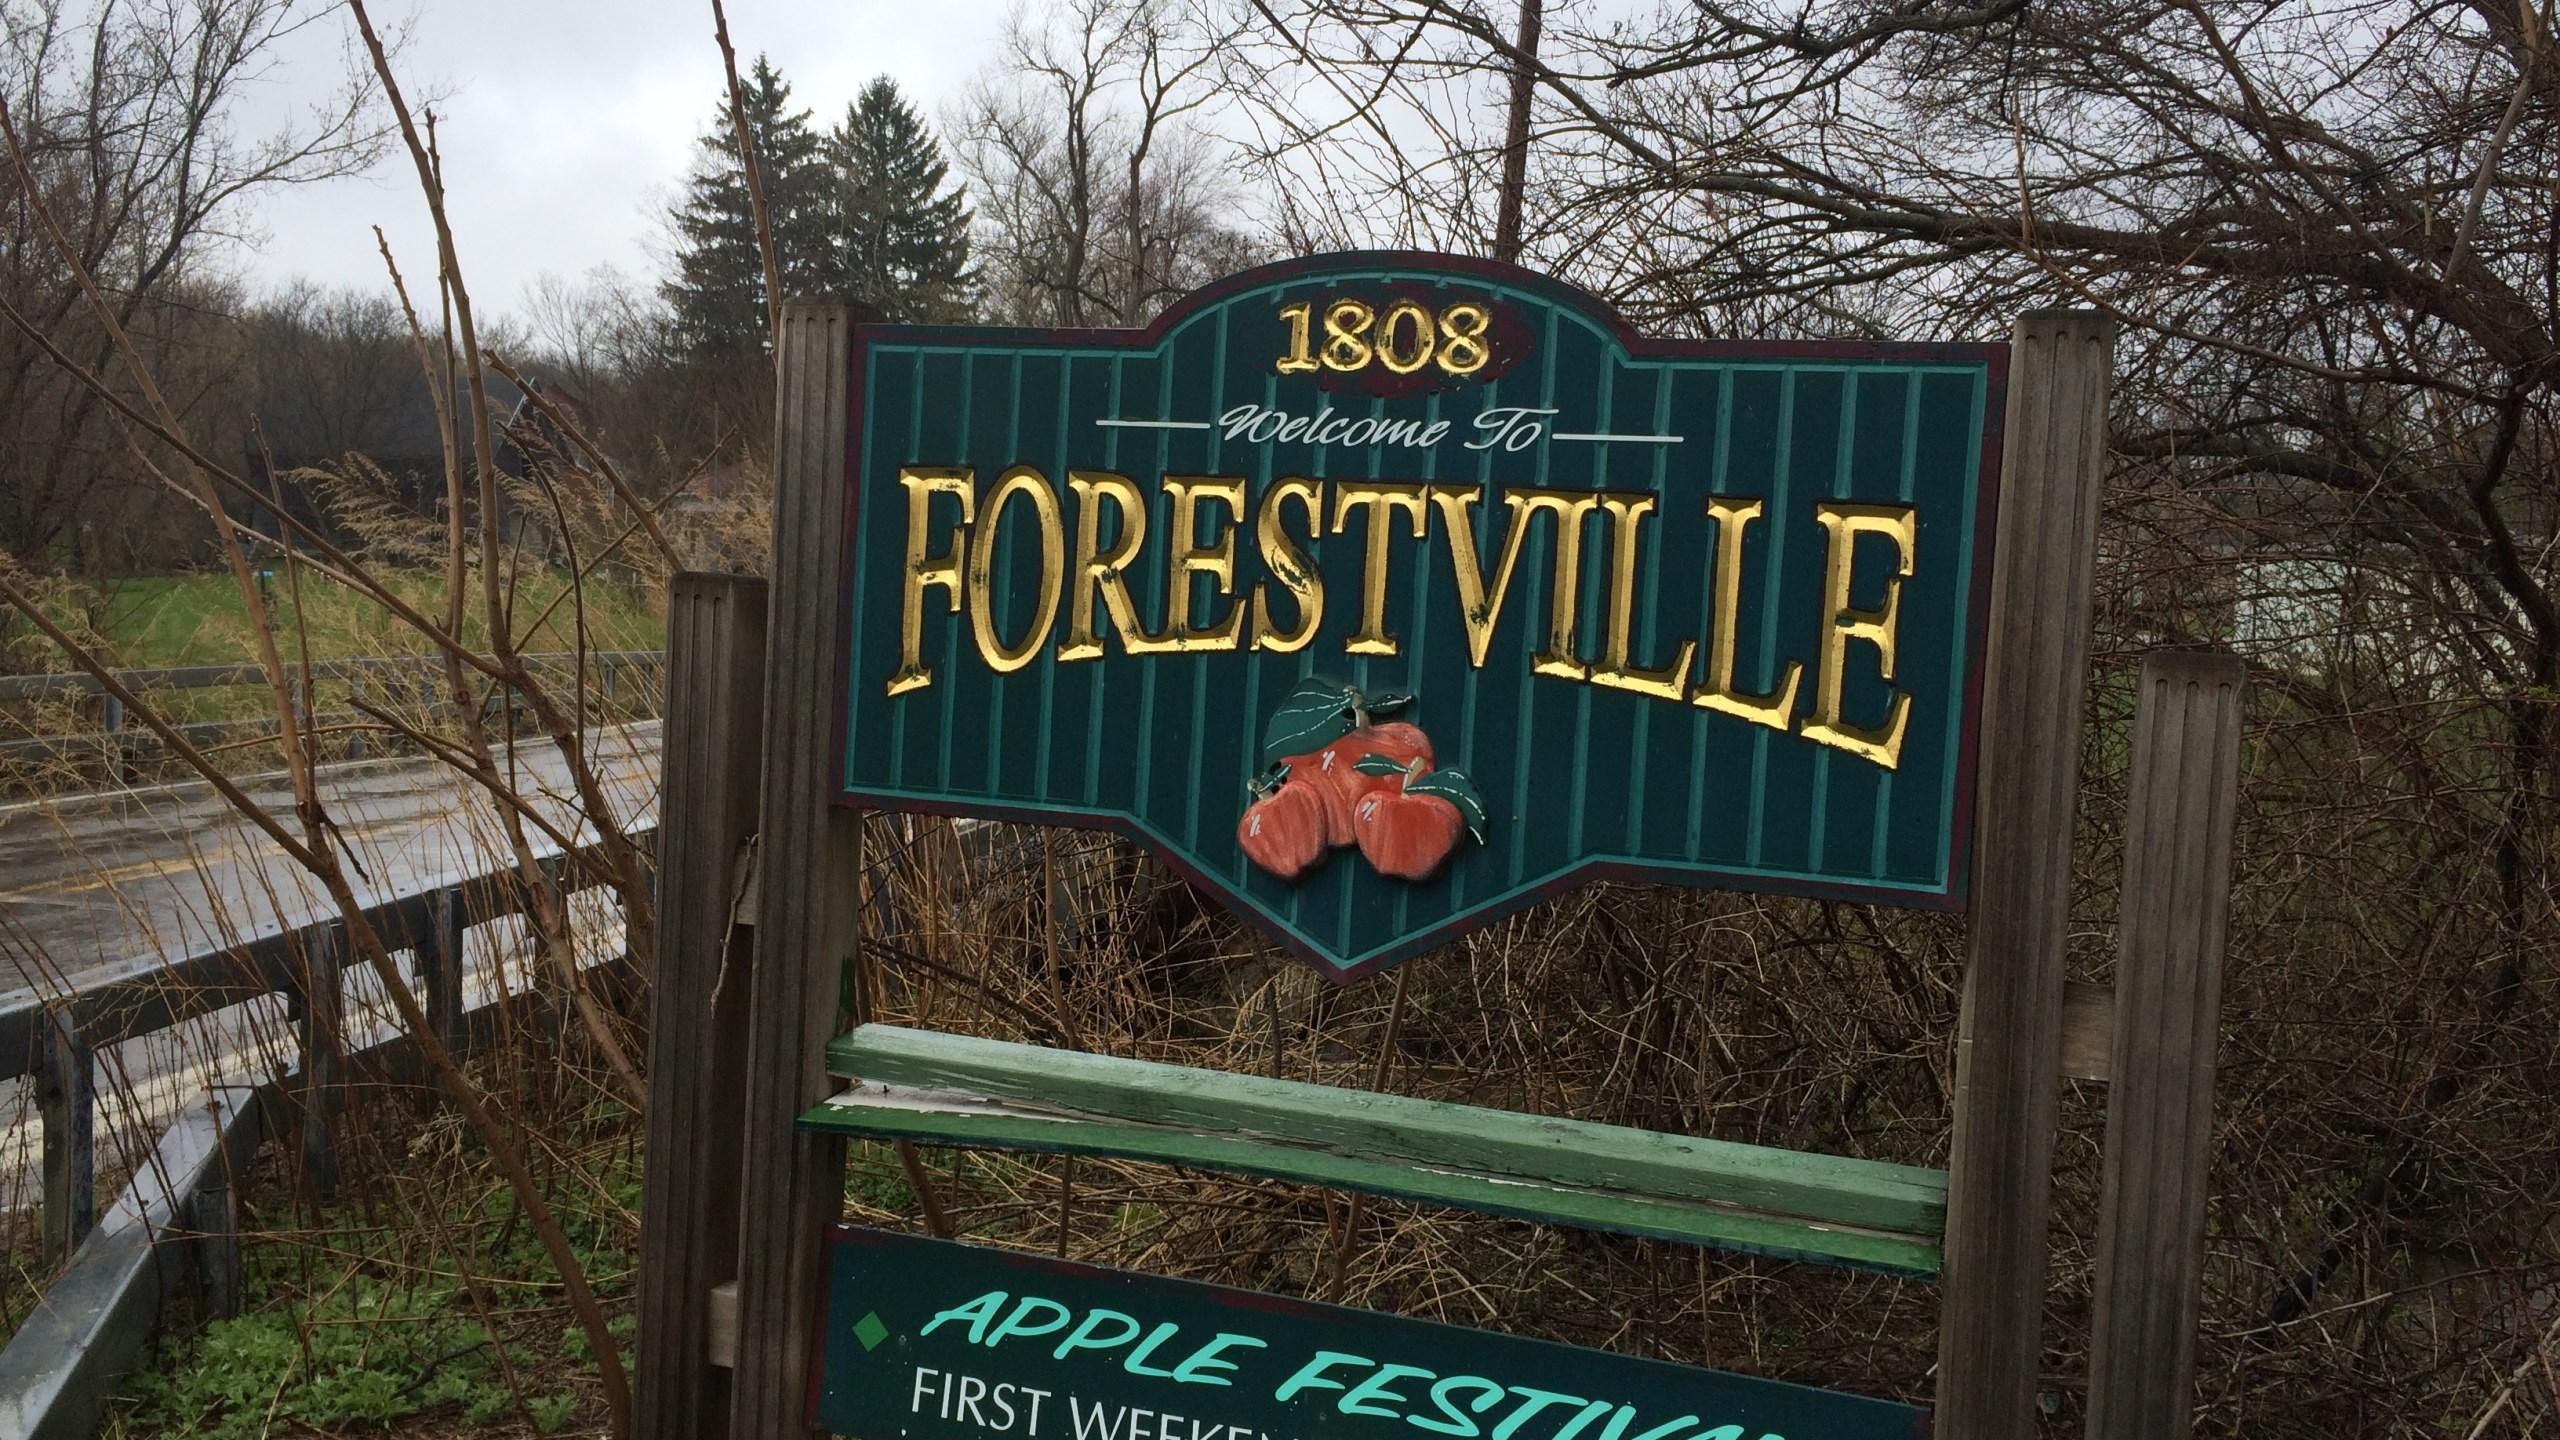 Forestville_119874